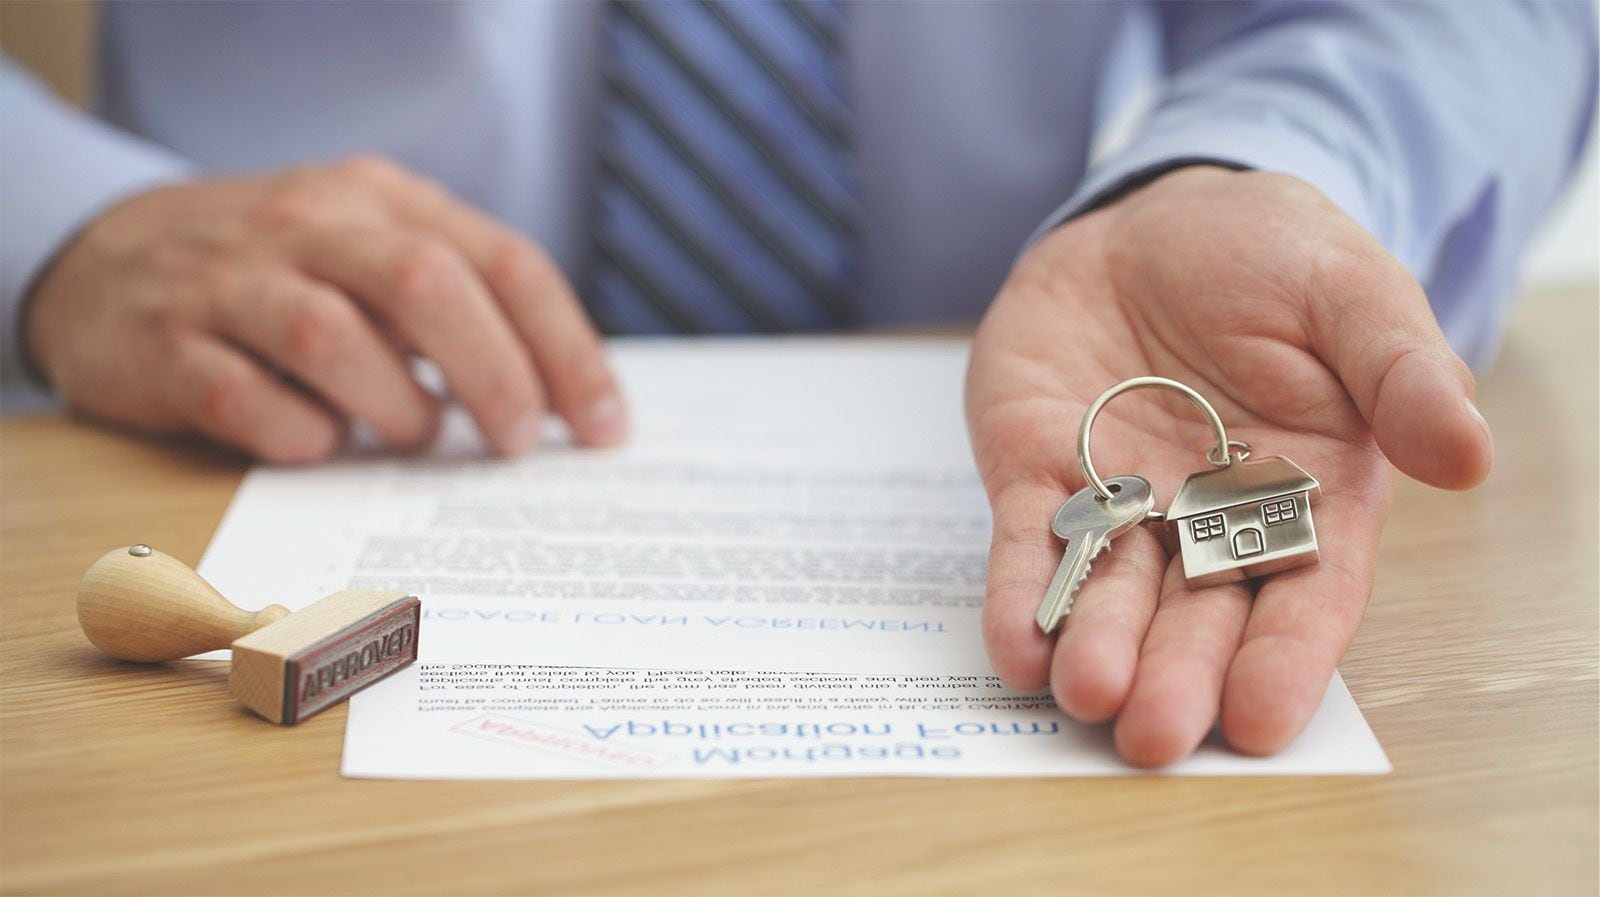 юридическая сторона сделки с недвижимостью поставлю машину